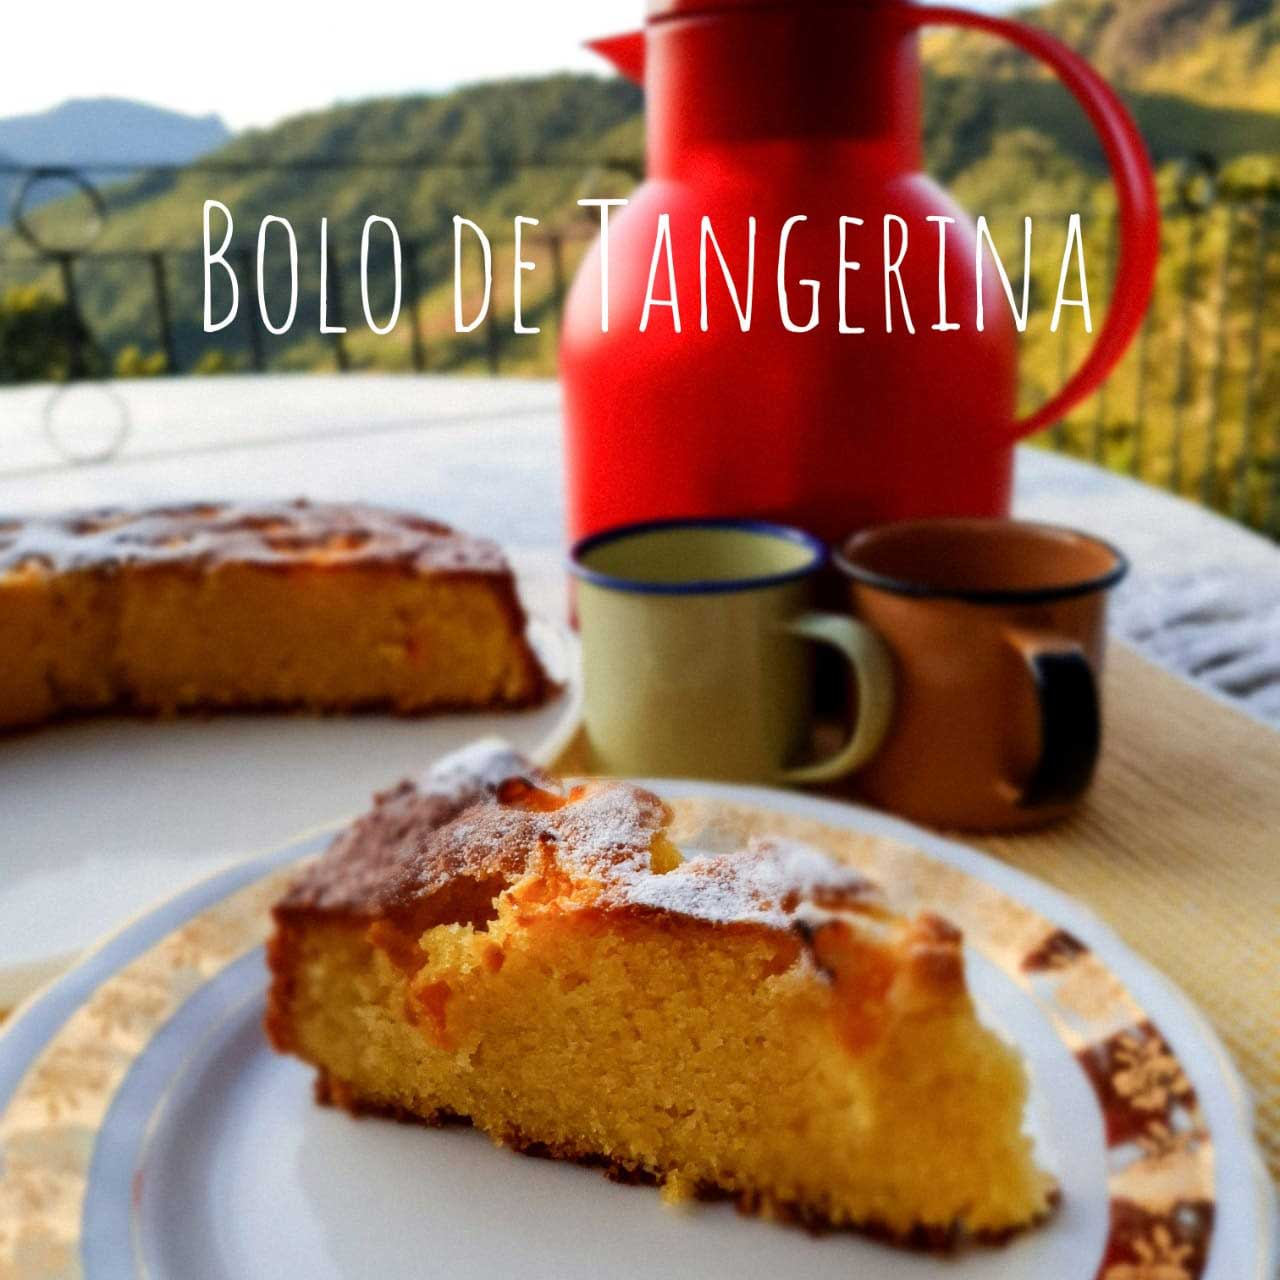 bolo-de-tangerina-00